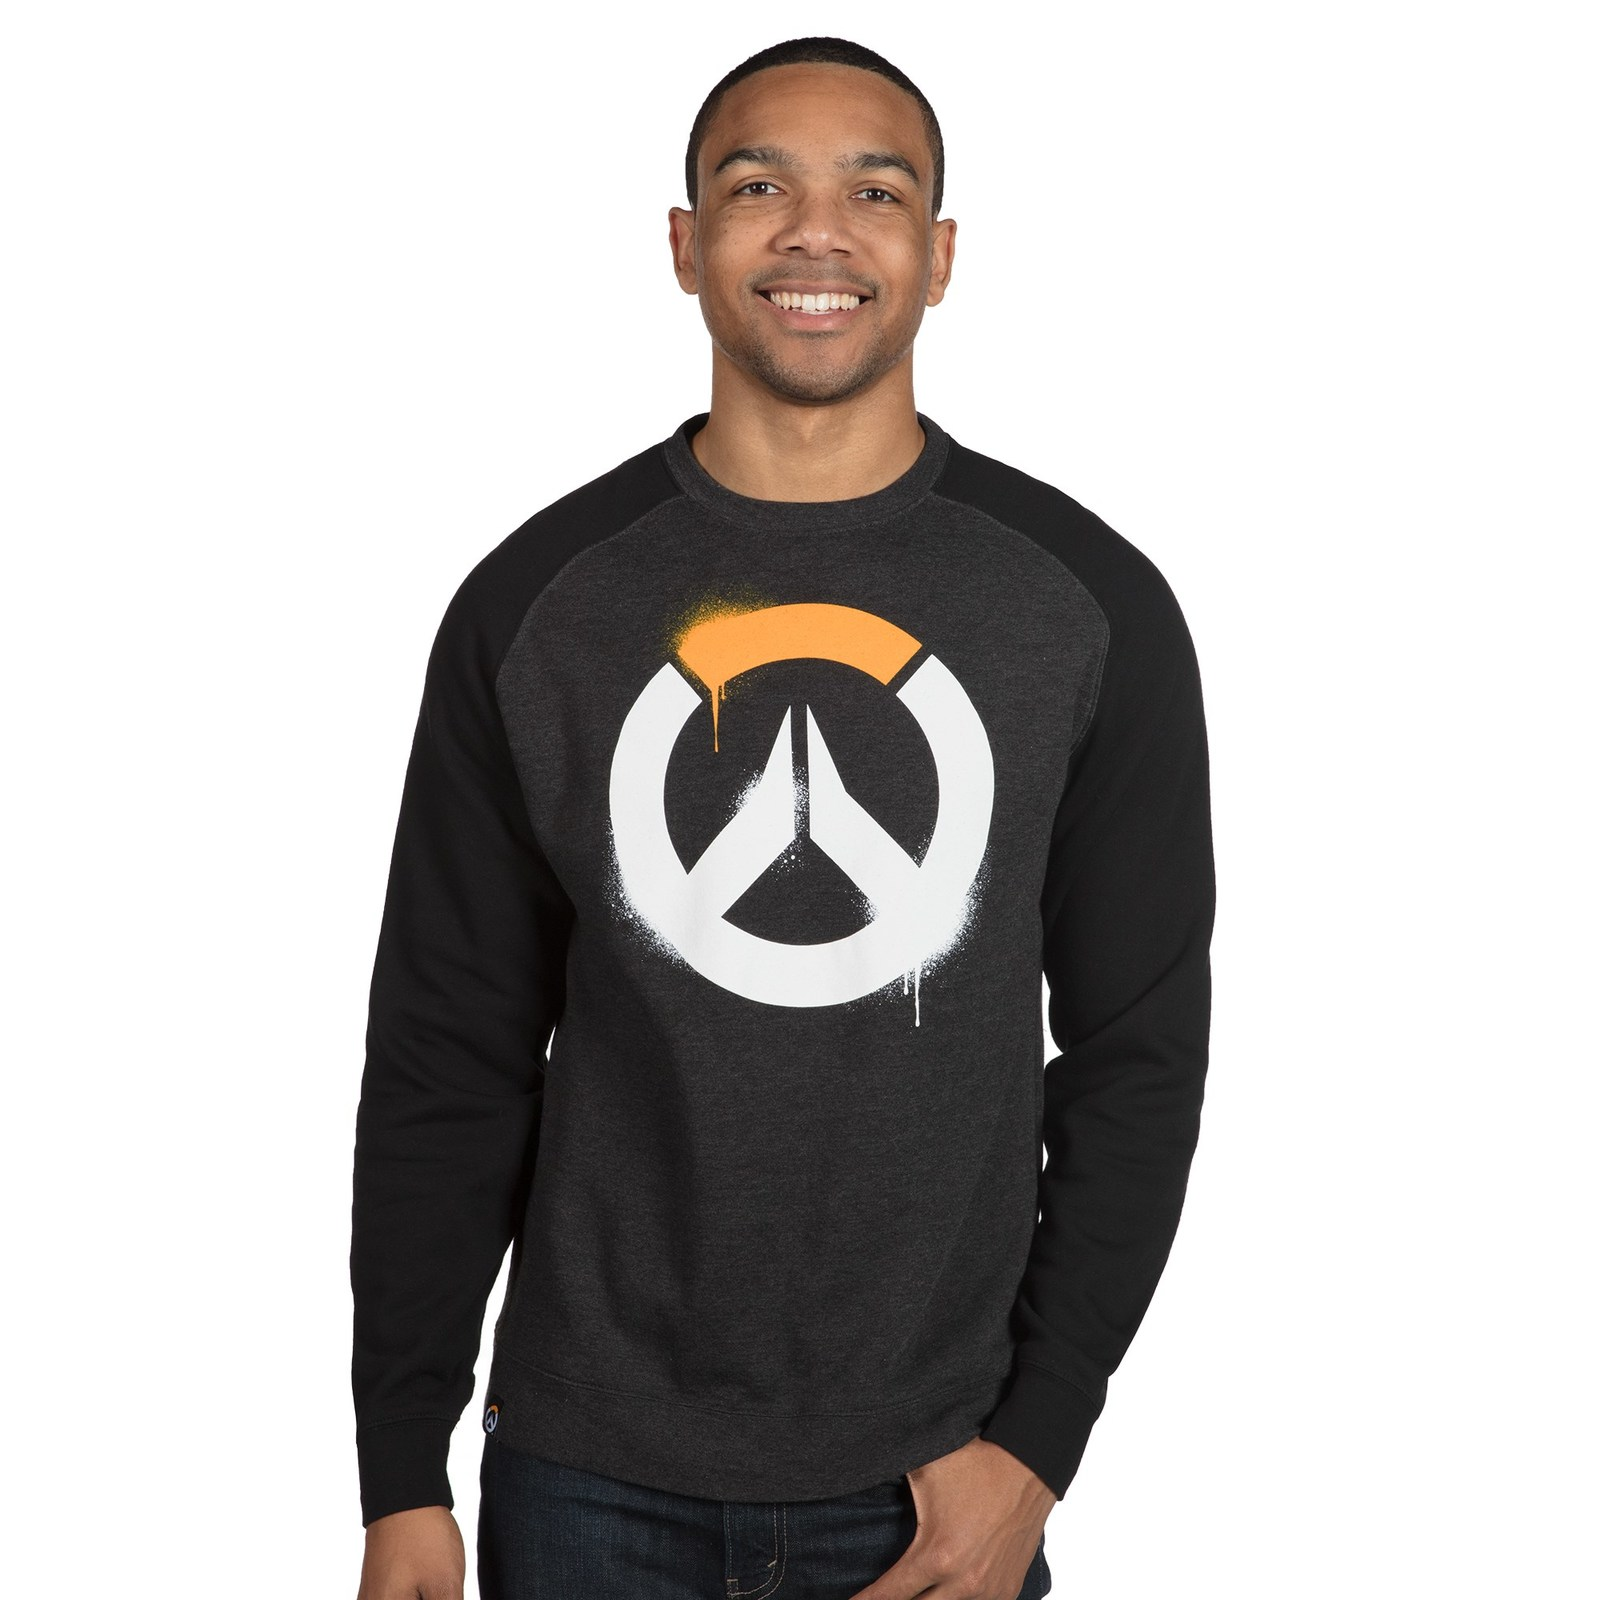 Overwatch Stencil Logo Raglan Pullover Sweatshirt (M) image